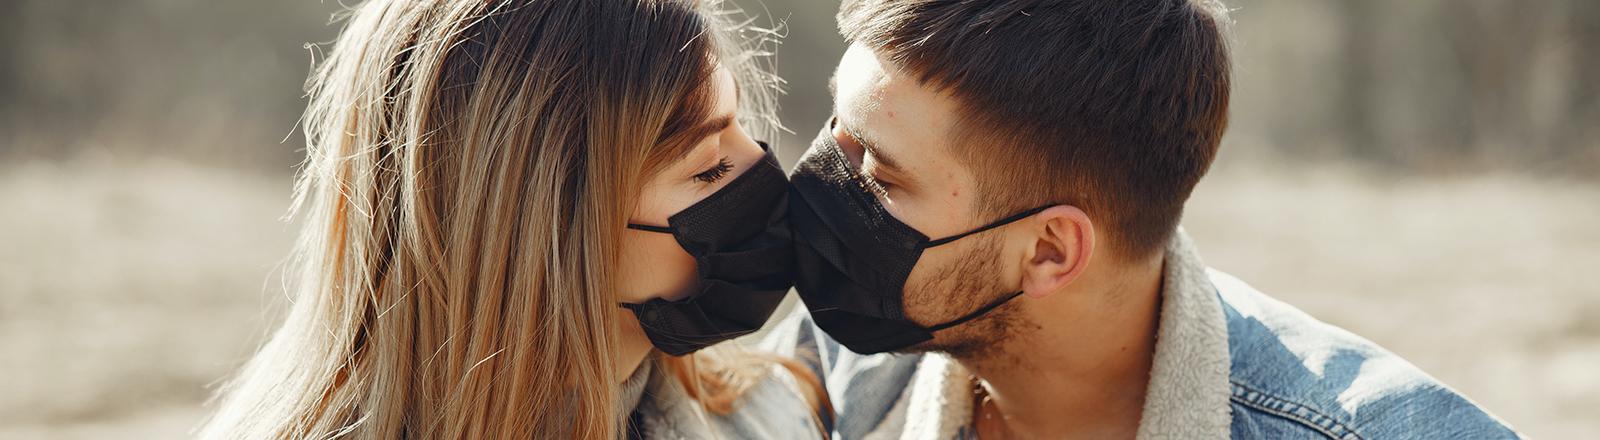 Paar küsst sich mit Maske.